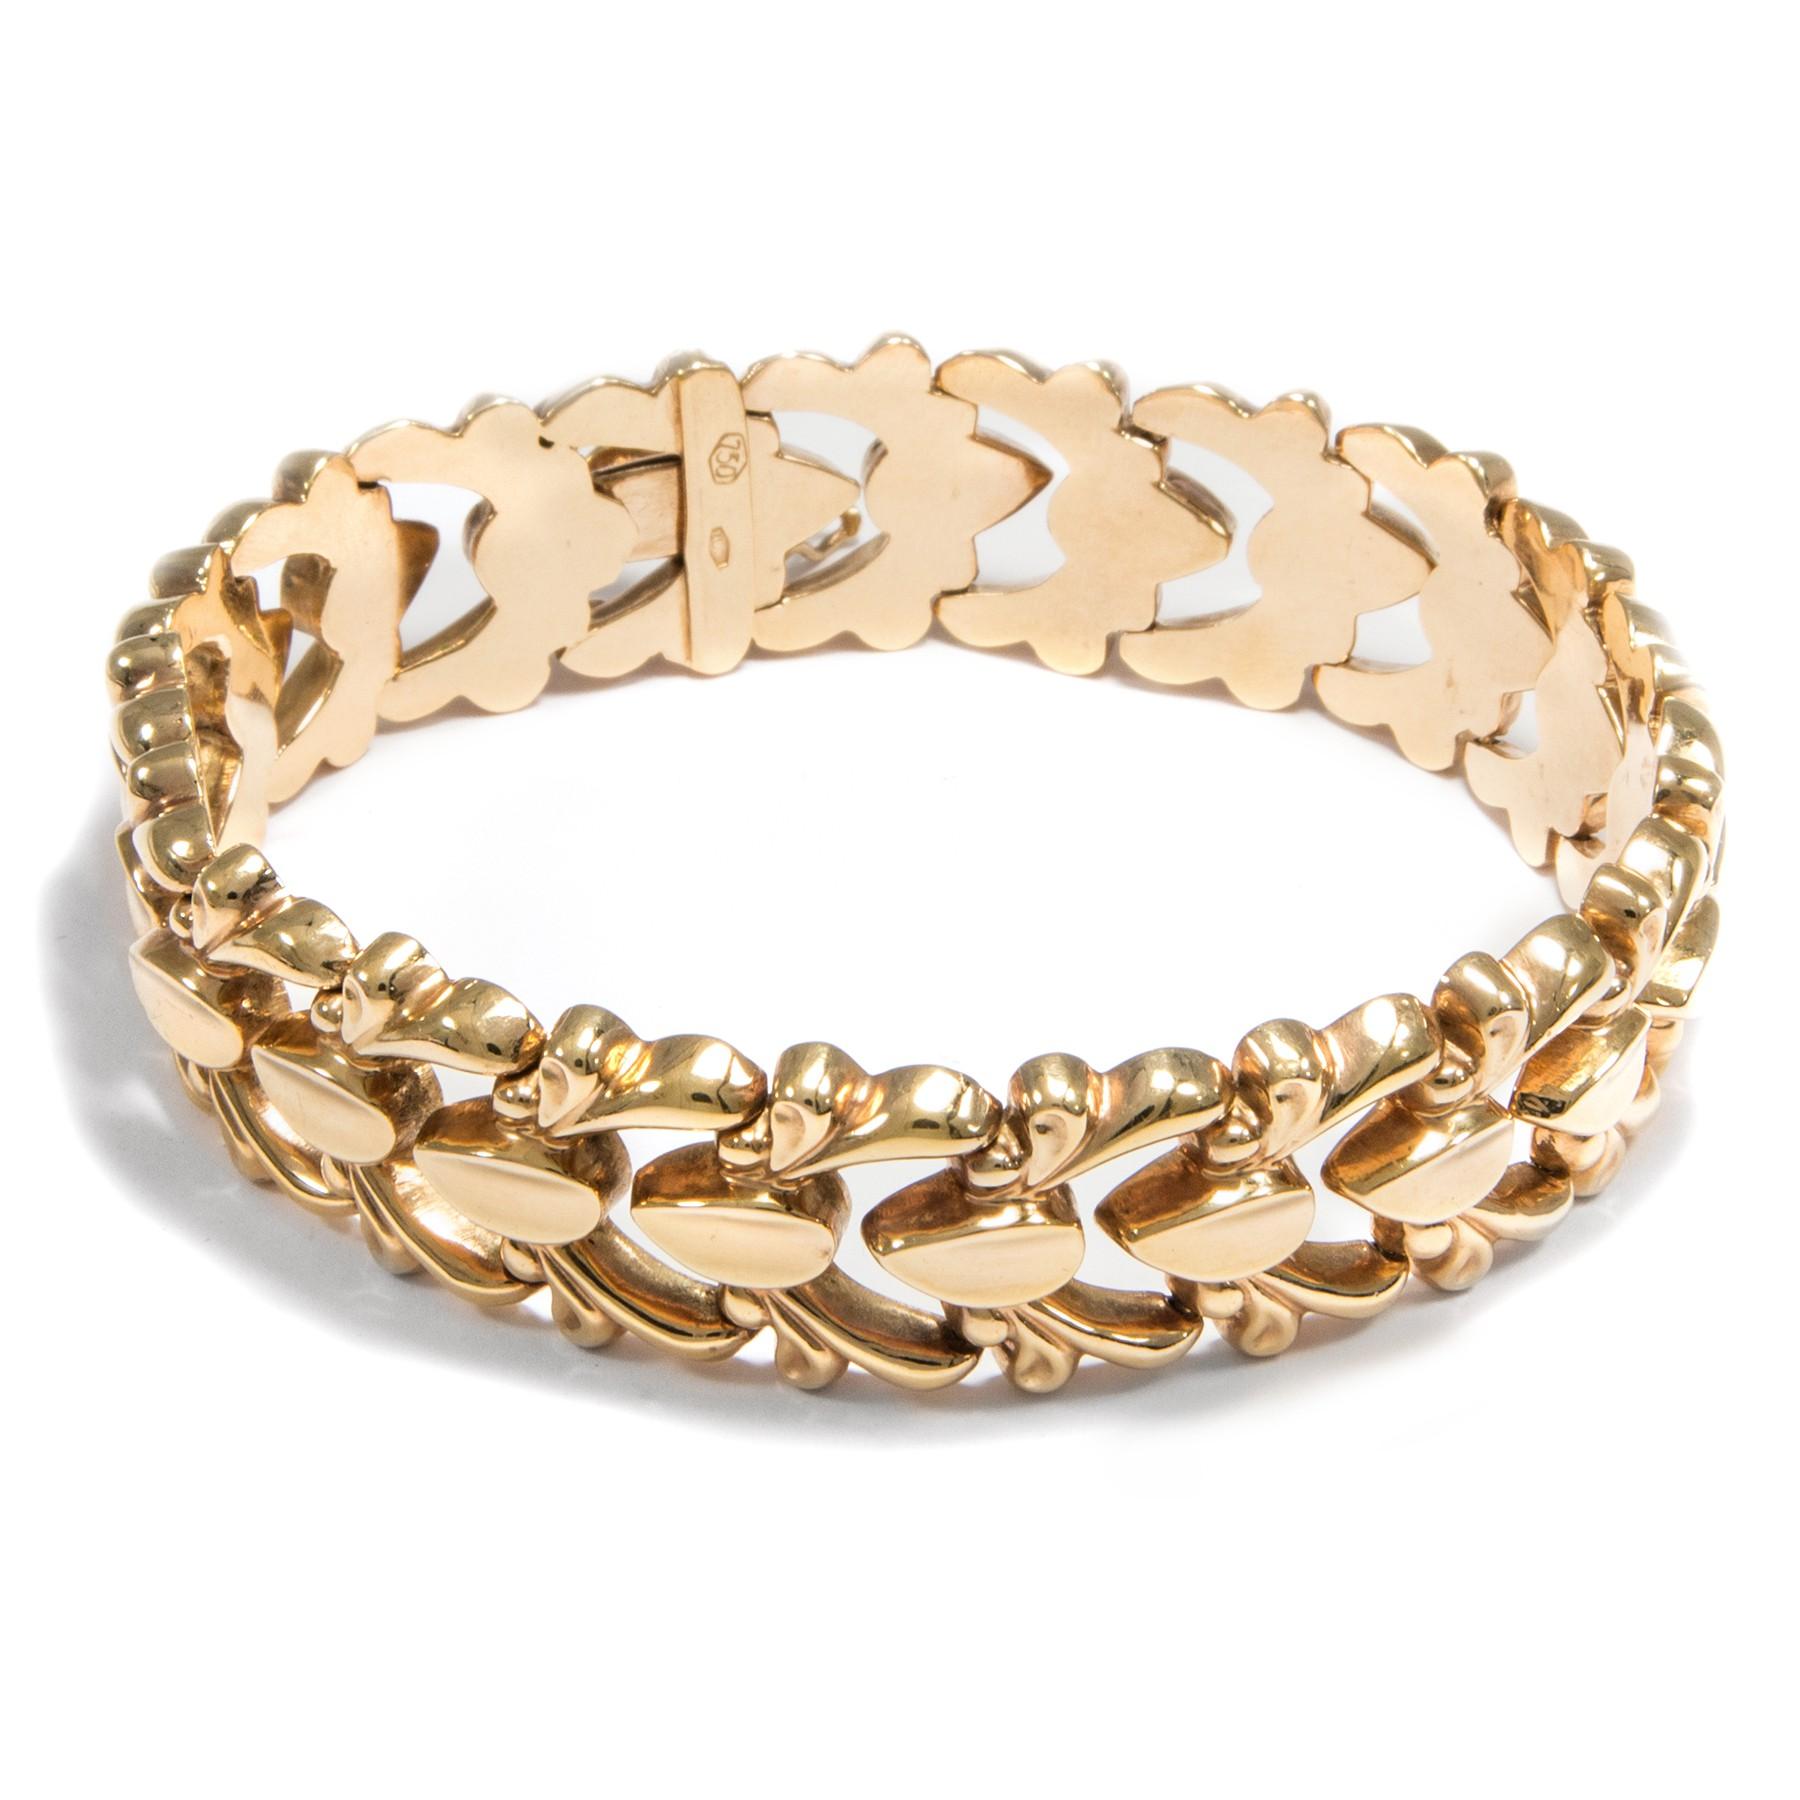 sattes gold und elegante form armband aus 750er gold italien um 1960 18 karat ebay. Black Bedroom Furniture Sets. Home Design Ideas